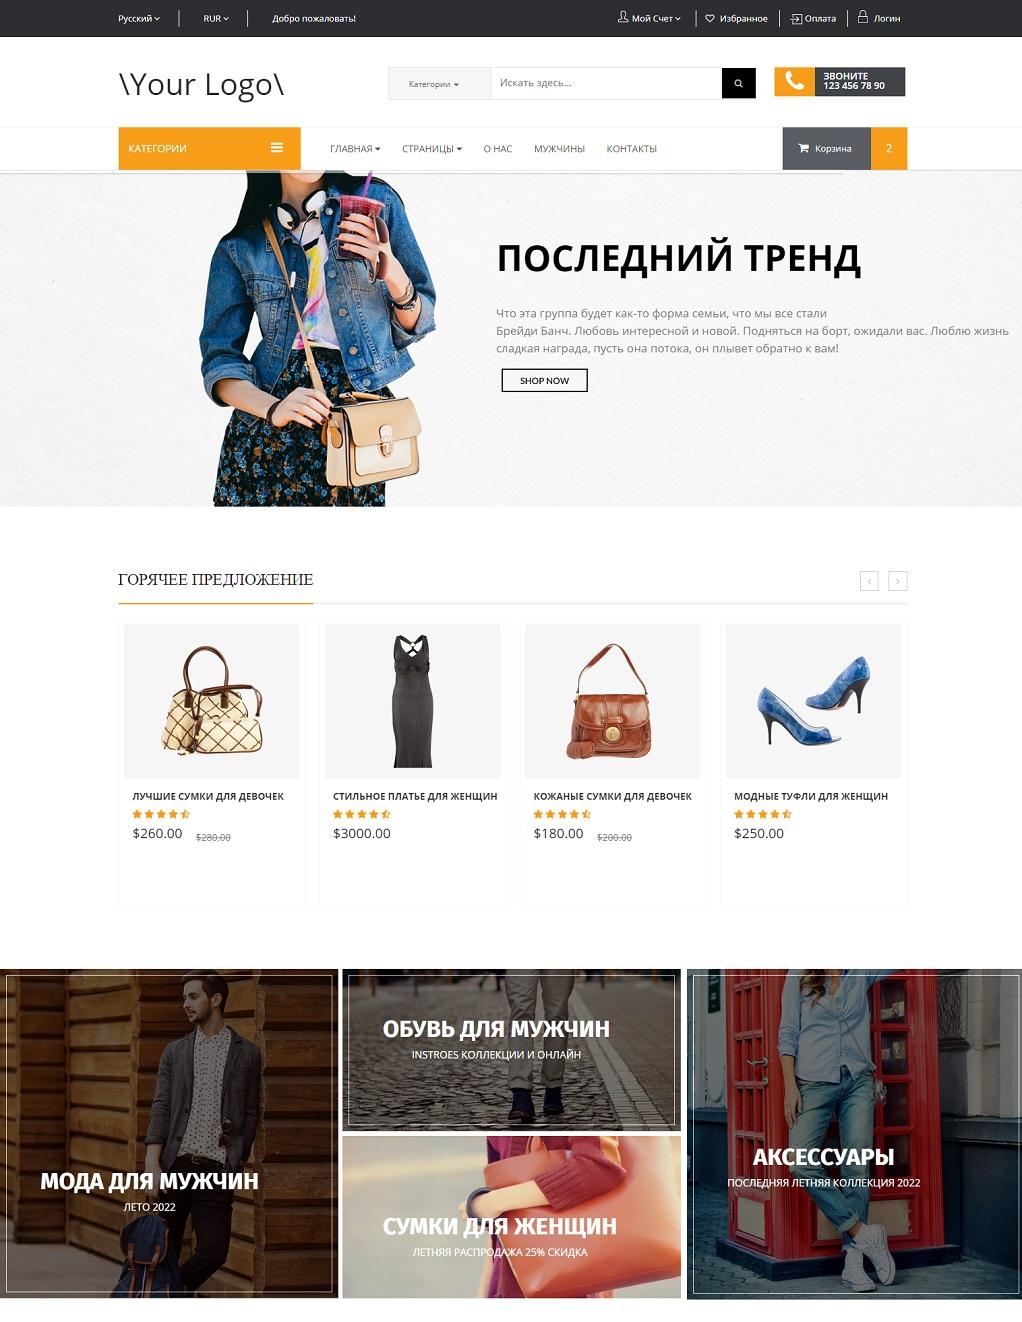 Venditionis :: HTML5 шаблон для интернет-магазина с чистым дизайном